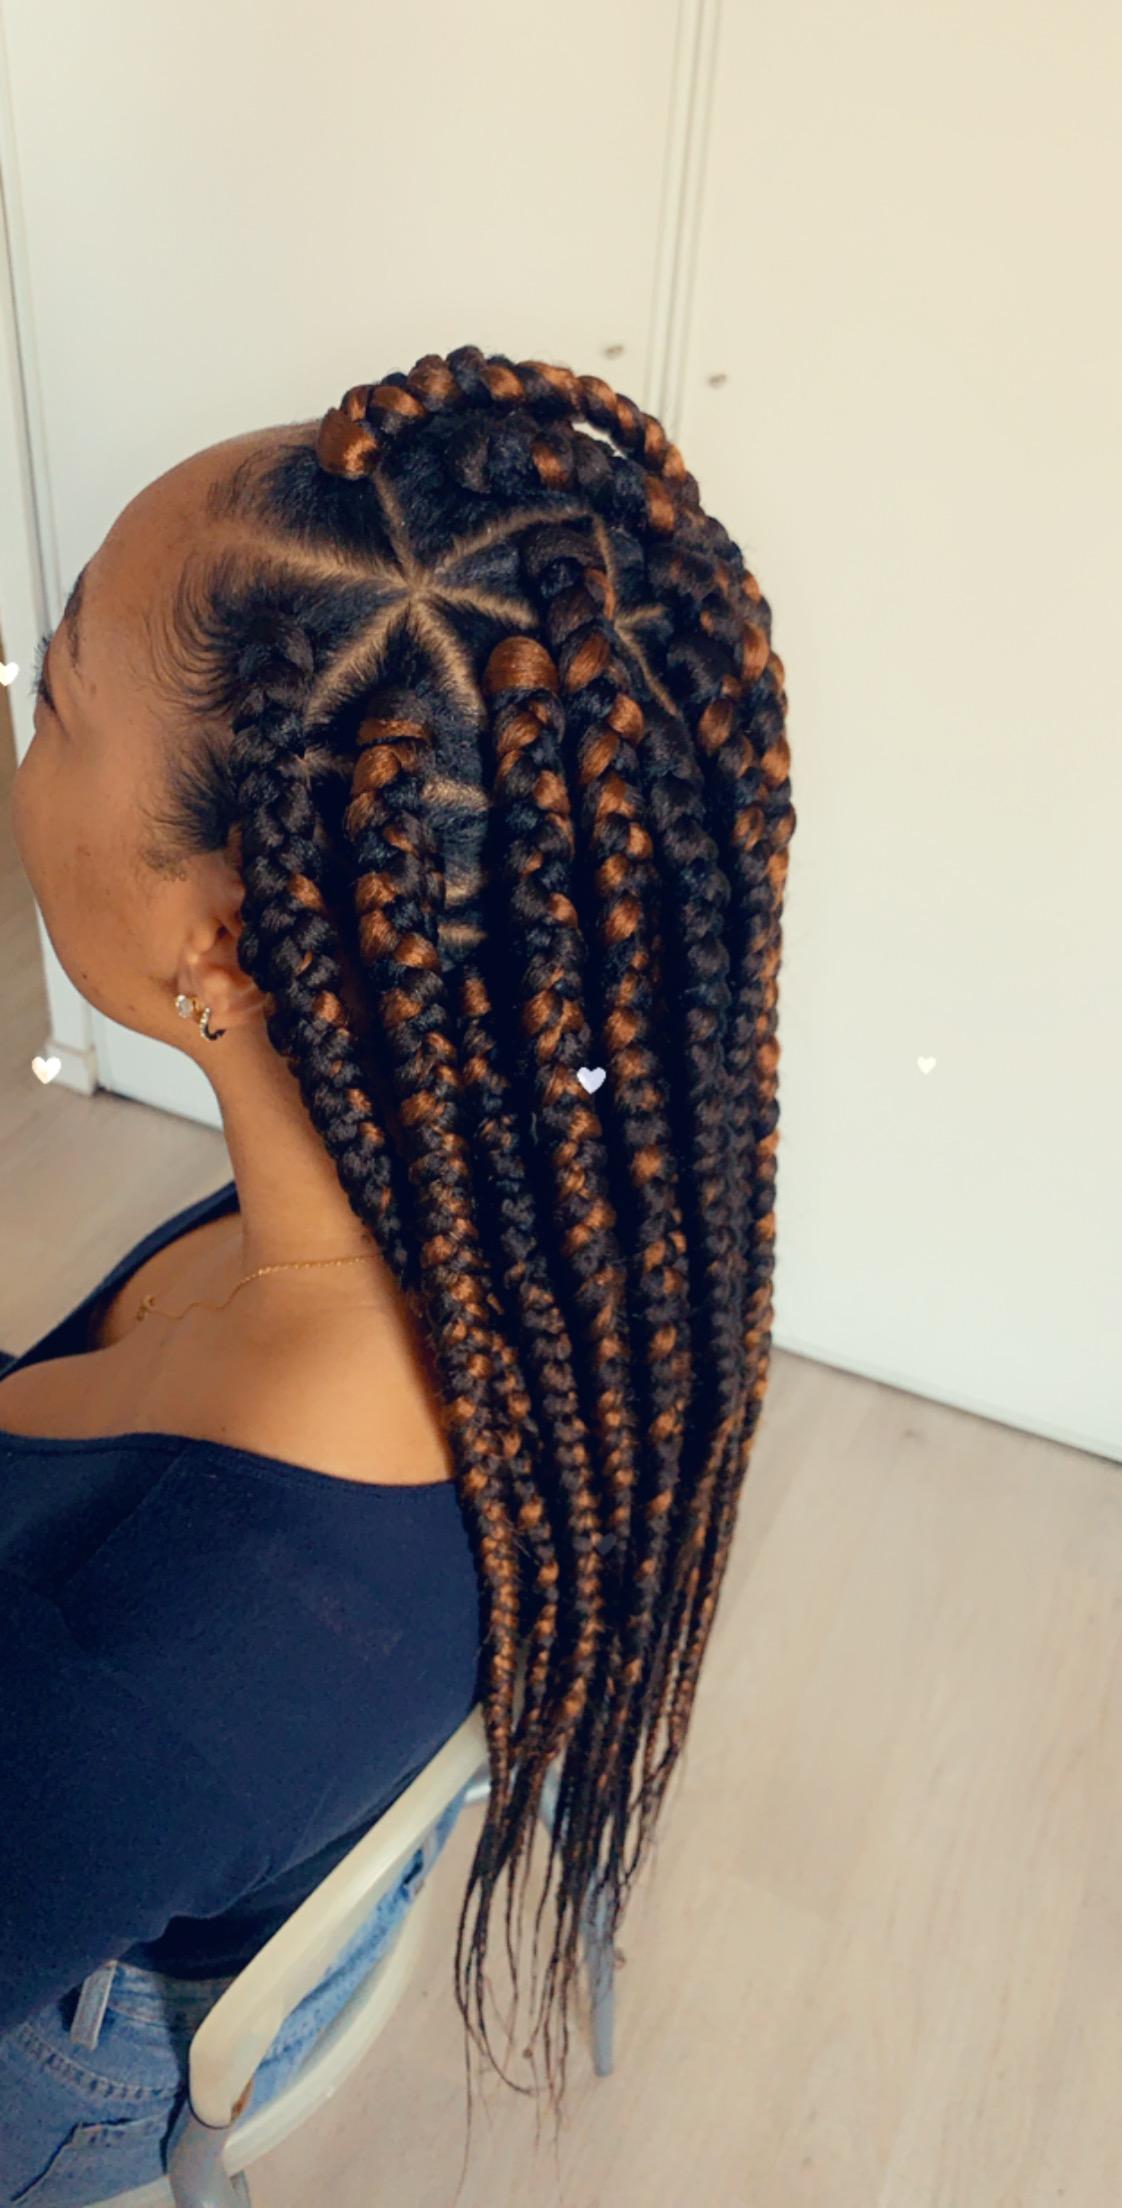 salon de coiffure afro tresse tresses box braids crochet braids vanilles tissages paris 75 77 78 91 92 93 94 95 WDQMYLDP